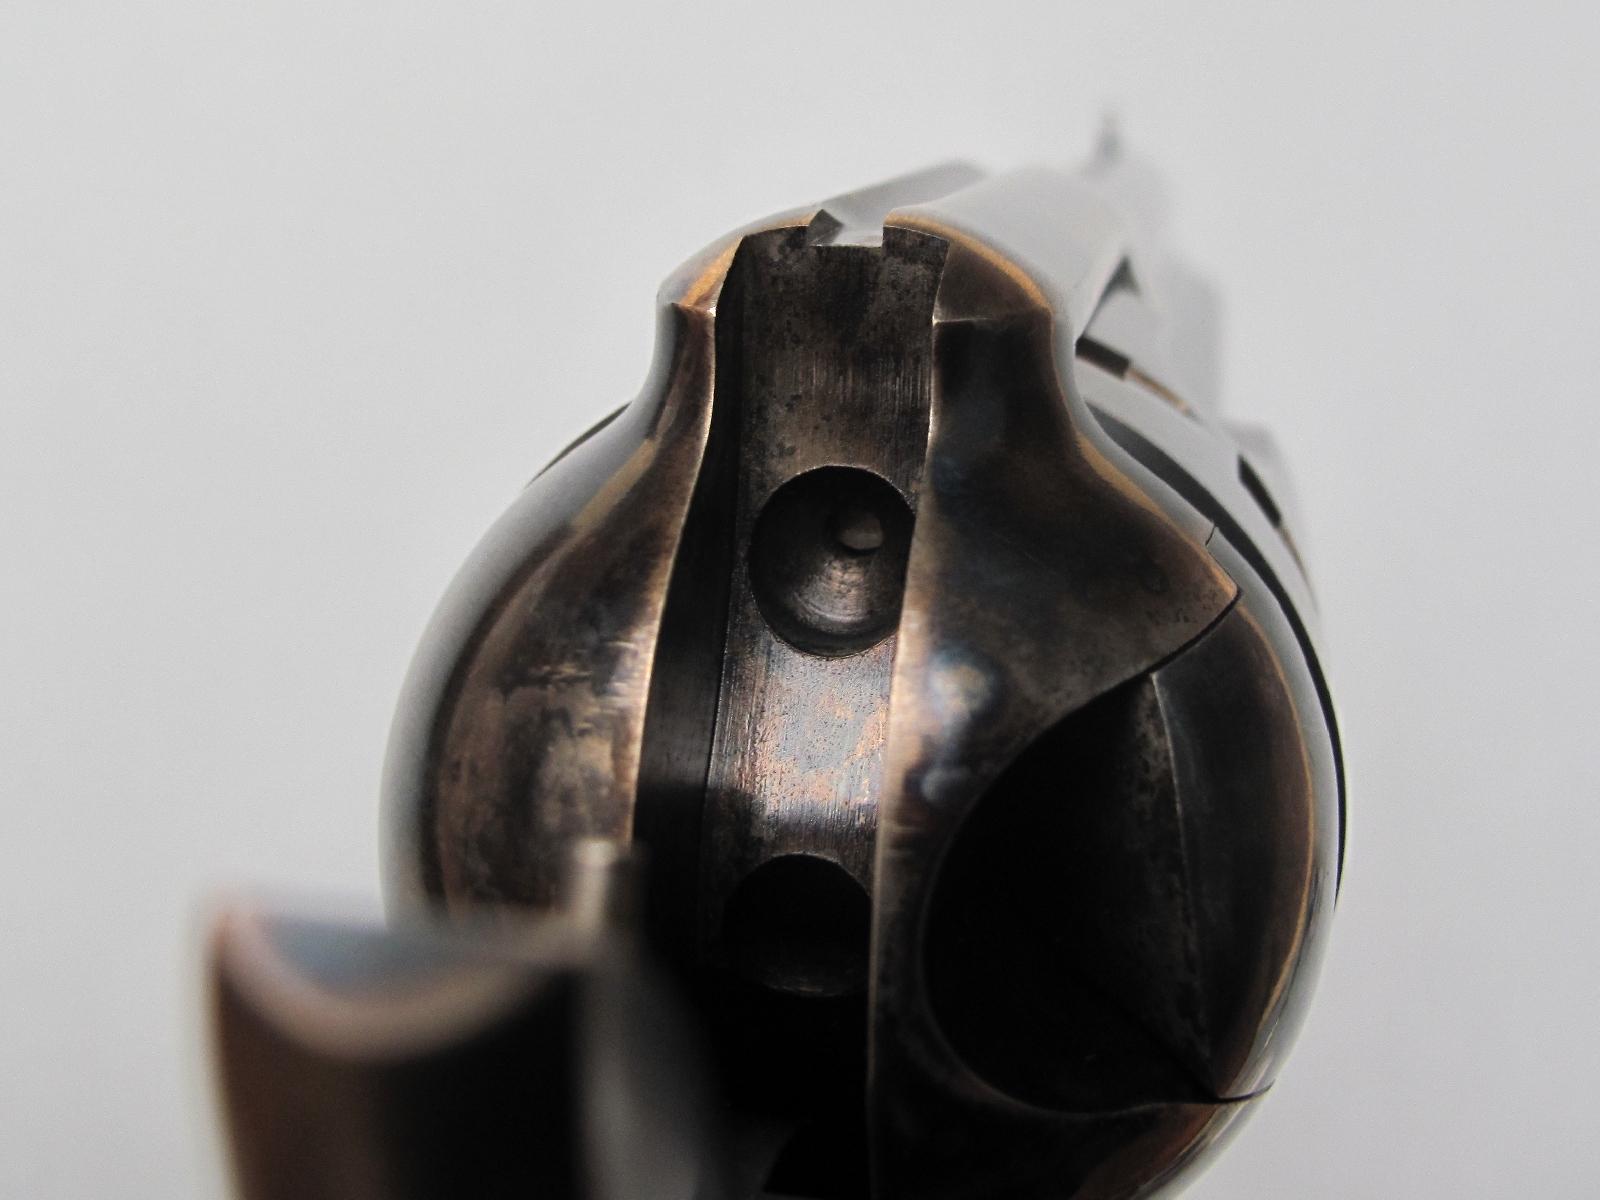 Observer le canal de percussion après avoir armé le chien s'avère être le seul moyen de vérifier si la chambre qui fait face au canon est vide ou si elle renferme une cartouche prête à être tirée.